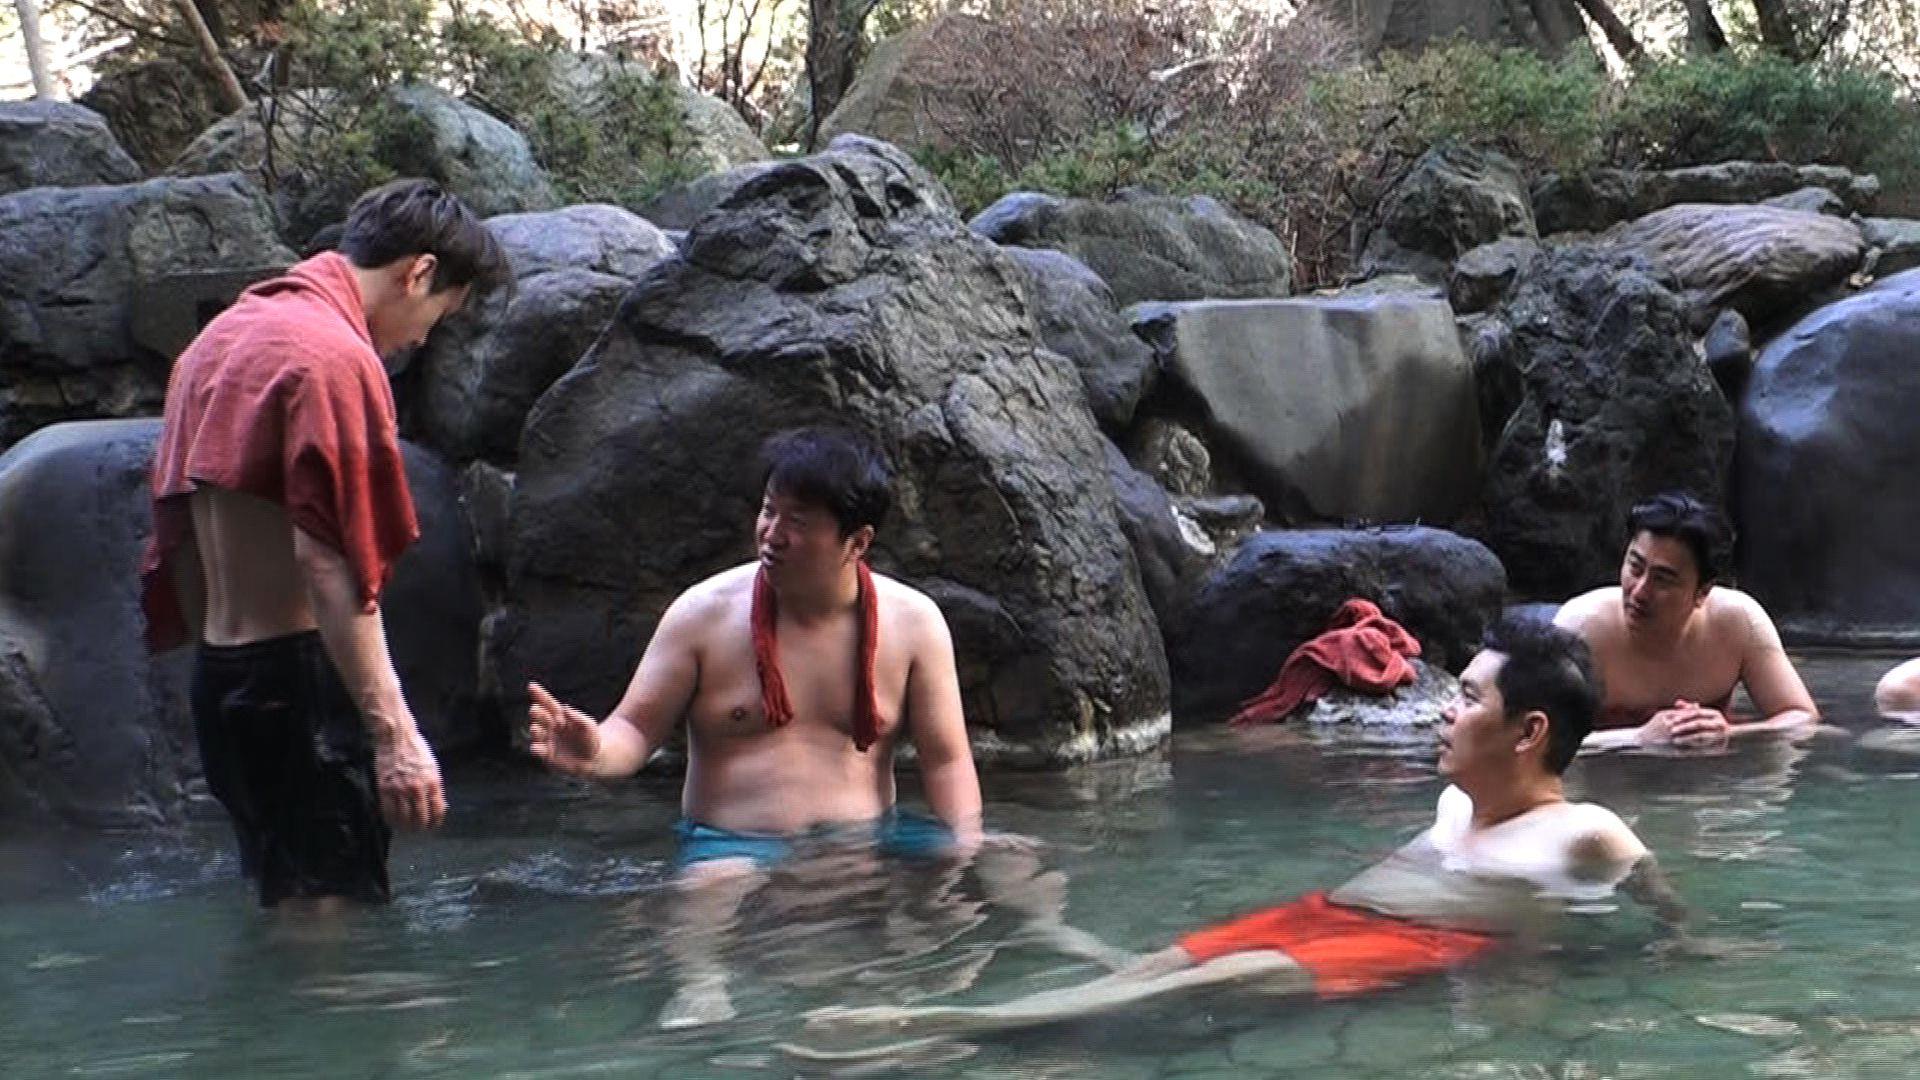 <뭉쳐야 뜬다> 윤두준, 용준형과 함께 '복근 공개' 감행?!